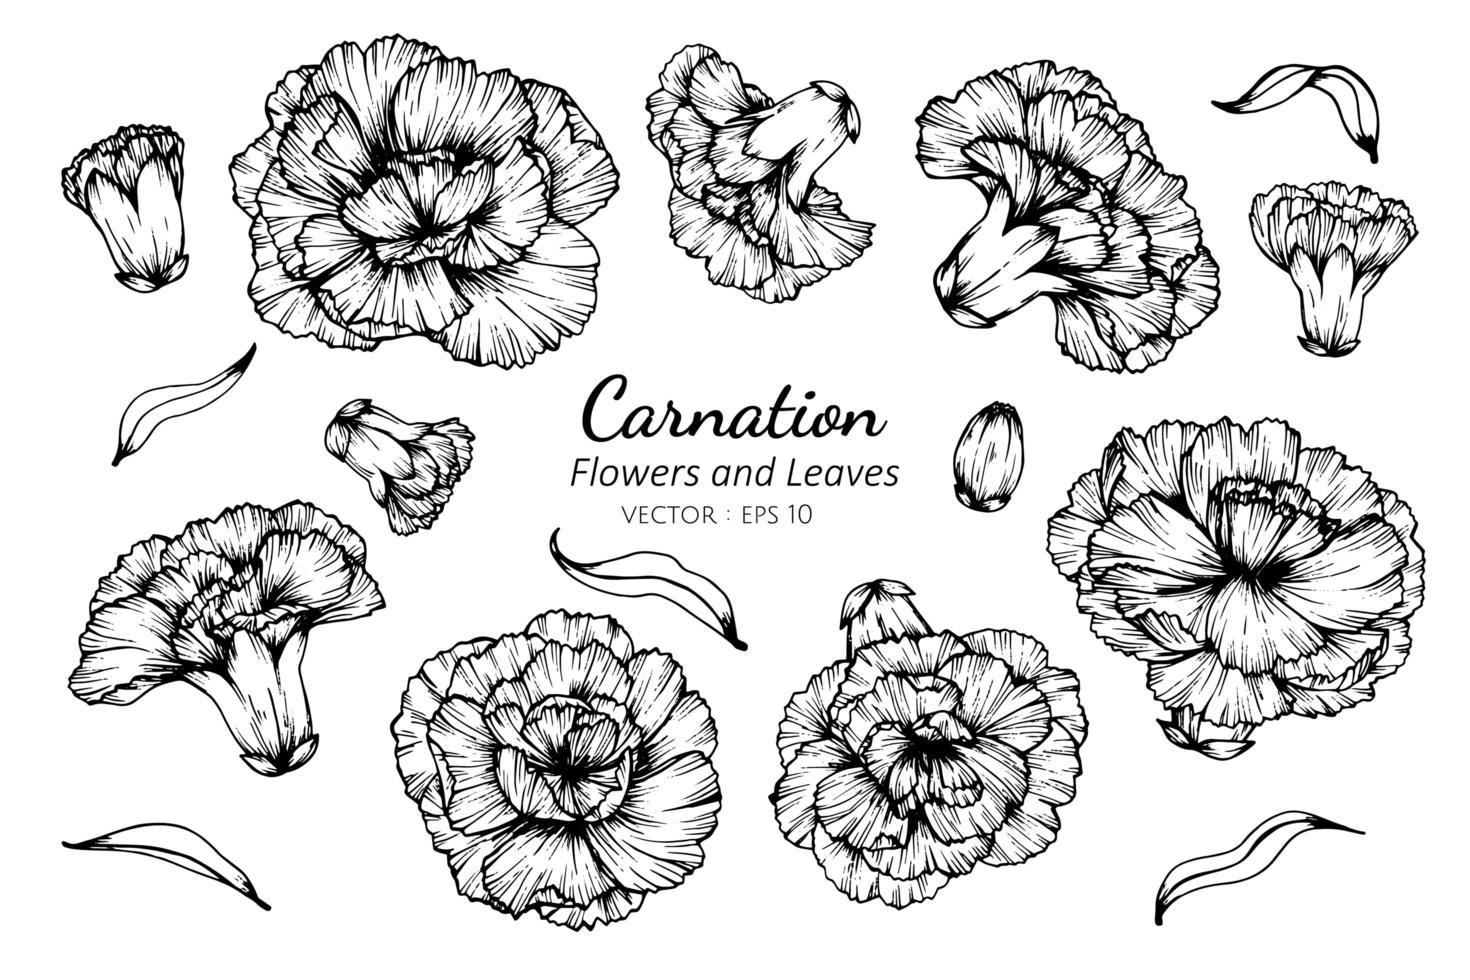 raccolta di fiori e foglie di garofano vettore